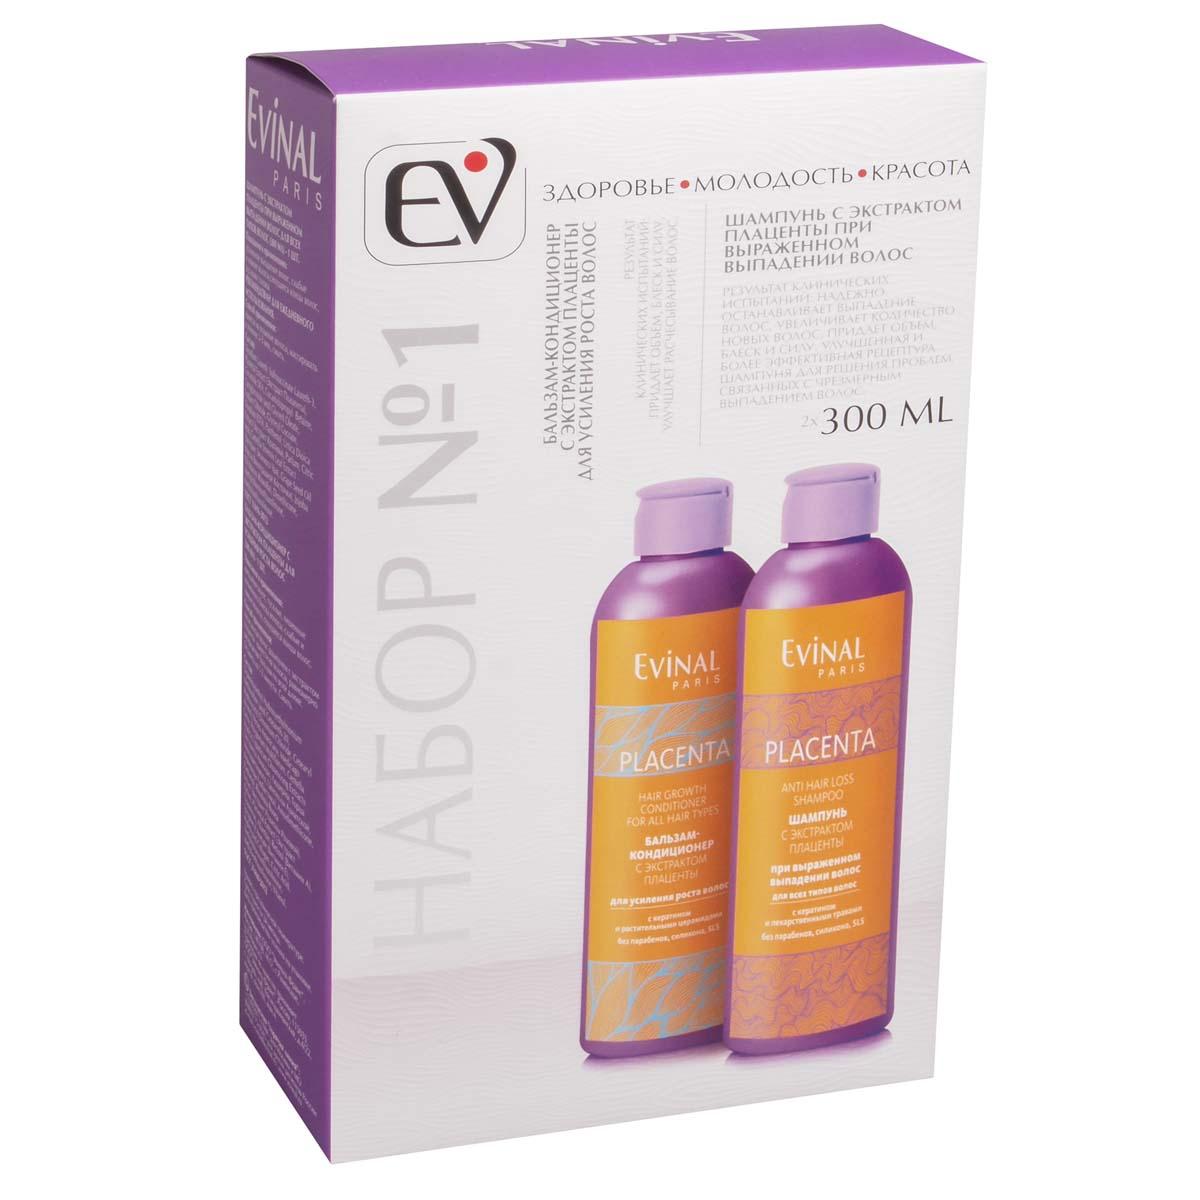 Подарочный набор Evinal №1: Шампунь с экстрактом плаценты при выраженном выпадении волос для всех типов волос, 300мл.+ Бальзам-кондиционер с экстрактом плаценты для усиления роста, 300мл.72523WDПодарочный набор №1 (Шампунь с экстрактом плаценты при выраженном выпадении волос для всех типов волос 300мл.+Бальзам-кондиционер с экстрактом плаценты для усиления роста 300мл. ) в коробке. Состоит из: шампуня с экстрактом плаценты при выраженном выпадении волос для всех типов волос и бальзама-кондиционера с экстрактом плаценты для усиления роста волос. ШАМПУНЬ С ЭКСТРАКТОМ ПЛАЦЕНТЫ ПРИ ВЫРАЖЕННОМ ВЫПАДЕНИИ ВОЛОС. ДЛЯ ВСЕХ ТИПОВ ВОЛОС -Улучшенная и более эффективная рецептура шампуня для решения проблем, связанных с чрезмерным выпадением волос.Показания к применению: выраженное выпадение волос, медленный рост волос, слабые и ломкие волосы, секущиеся концы волос.Результат клинических испытаний: надежно останавливает выпадение волос, увеличивает количество новых растущих волос, придает объем блеск и силуРекомендован для ежедневного использования. КОНДИЦИОНЕР С ЭКСТРАКТОМ ПЛАЦЕНТЫ ДЛЯ УСИЛЕНИЯ РОСТА ВОЛОС-Показания к применению: усиленное выпадение волос, тусклые лишенные жизненного блеска волосы, слабые и ломкие волосы, секущиеся концы.Результат клинических испытаний: Надежно останавливает выпадение волос, увеличивает количество новых растущих волос, придает объем, блеск и силу, улучшает расчесывание волос. Рекомендован для ежедневного использования. Максимальный эффект достигается при совместном использовании шампуня и бальзама на плаценте в течение 60 дней. Срок годности 24 месяца.